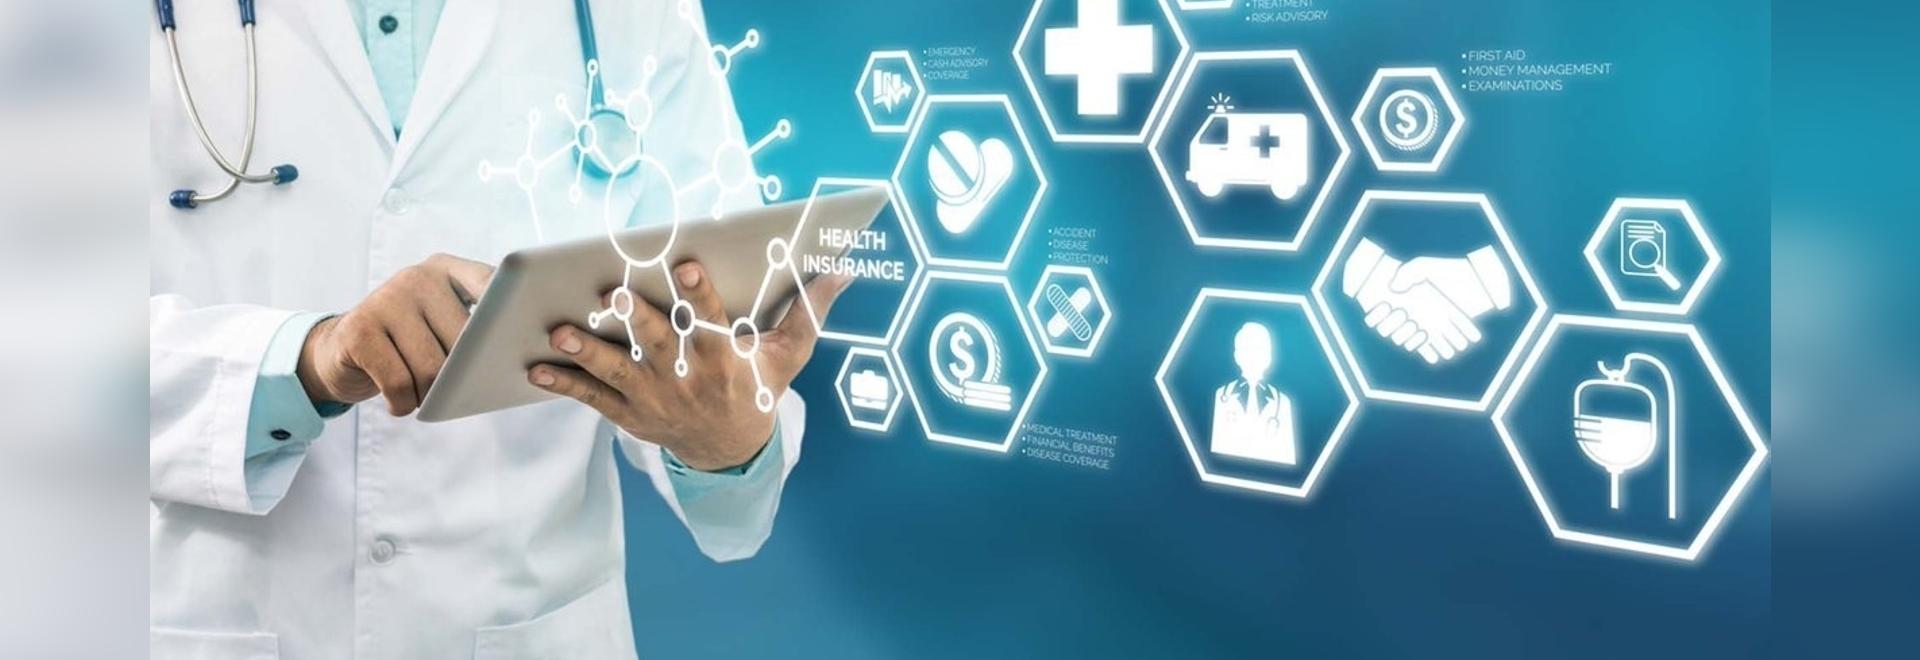 Servizi IT per la sanità e il loro ruolo nella conformità normativa del 2021